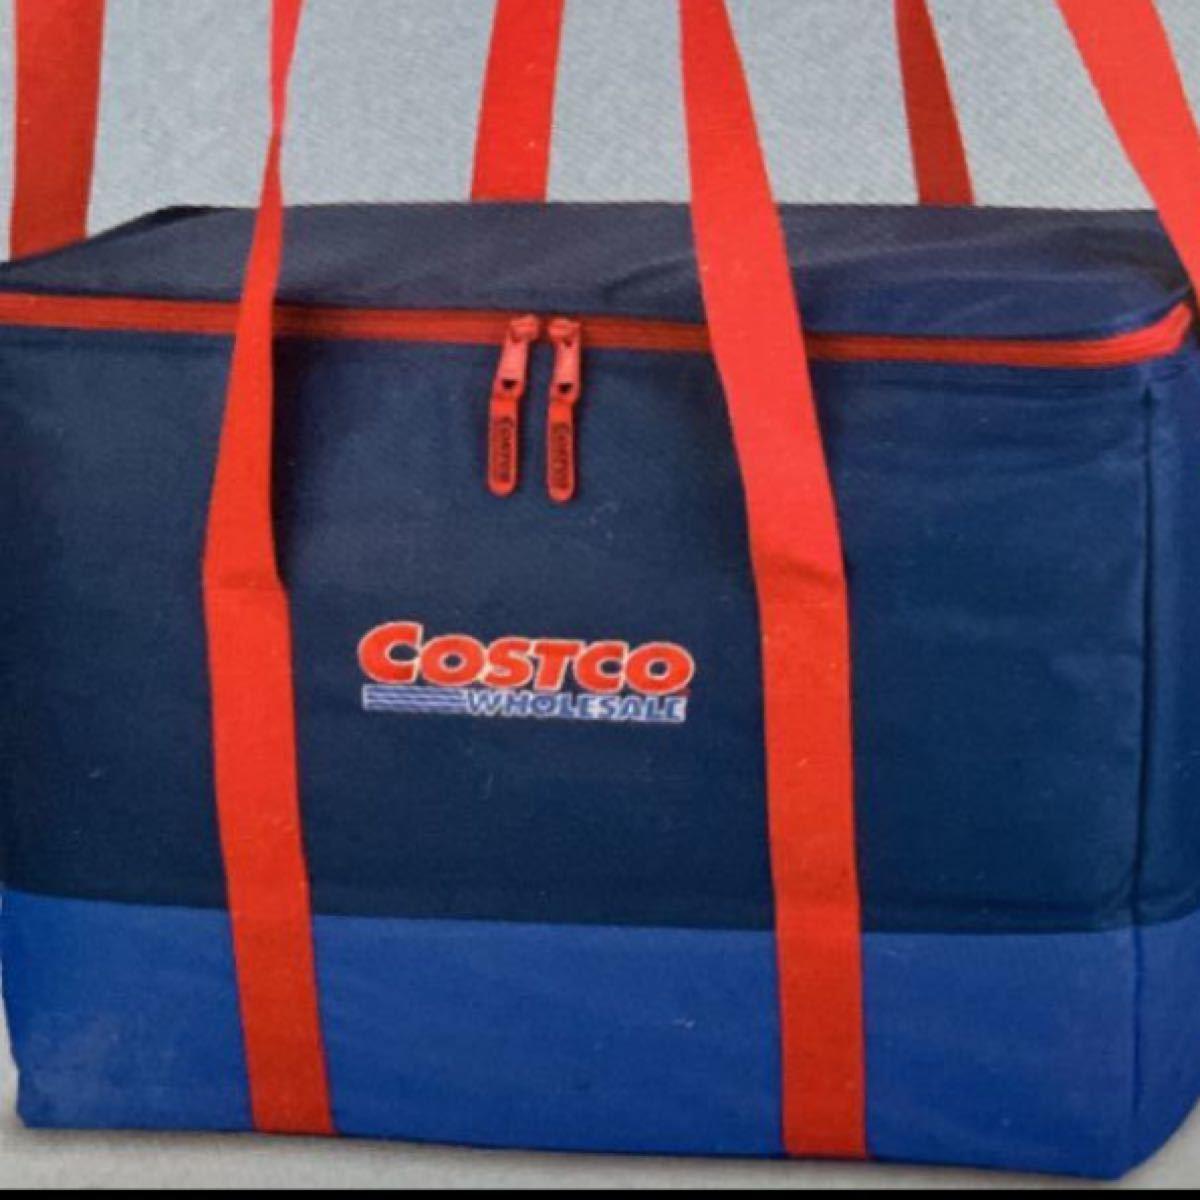 コストコ 保冷バッグ クーラーバッグ 大容量 ショッピングバッグ エコバッグ